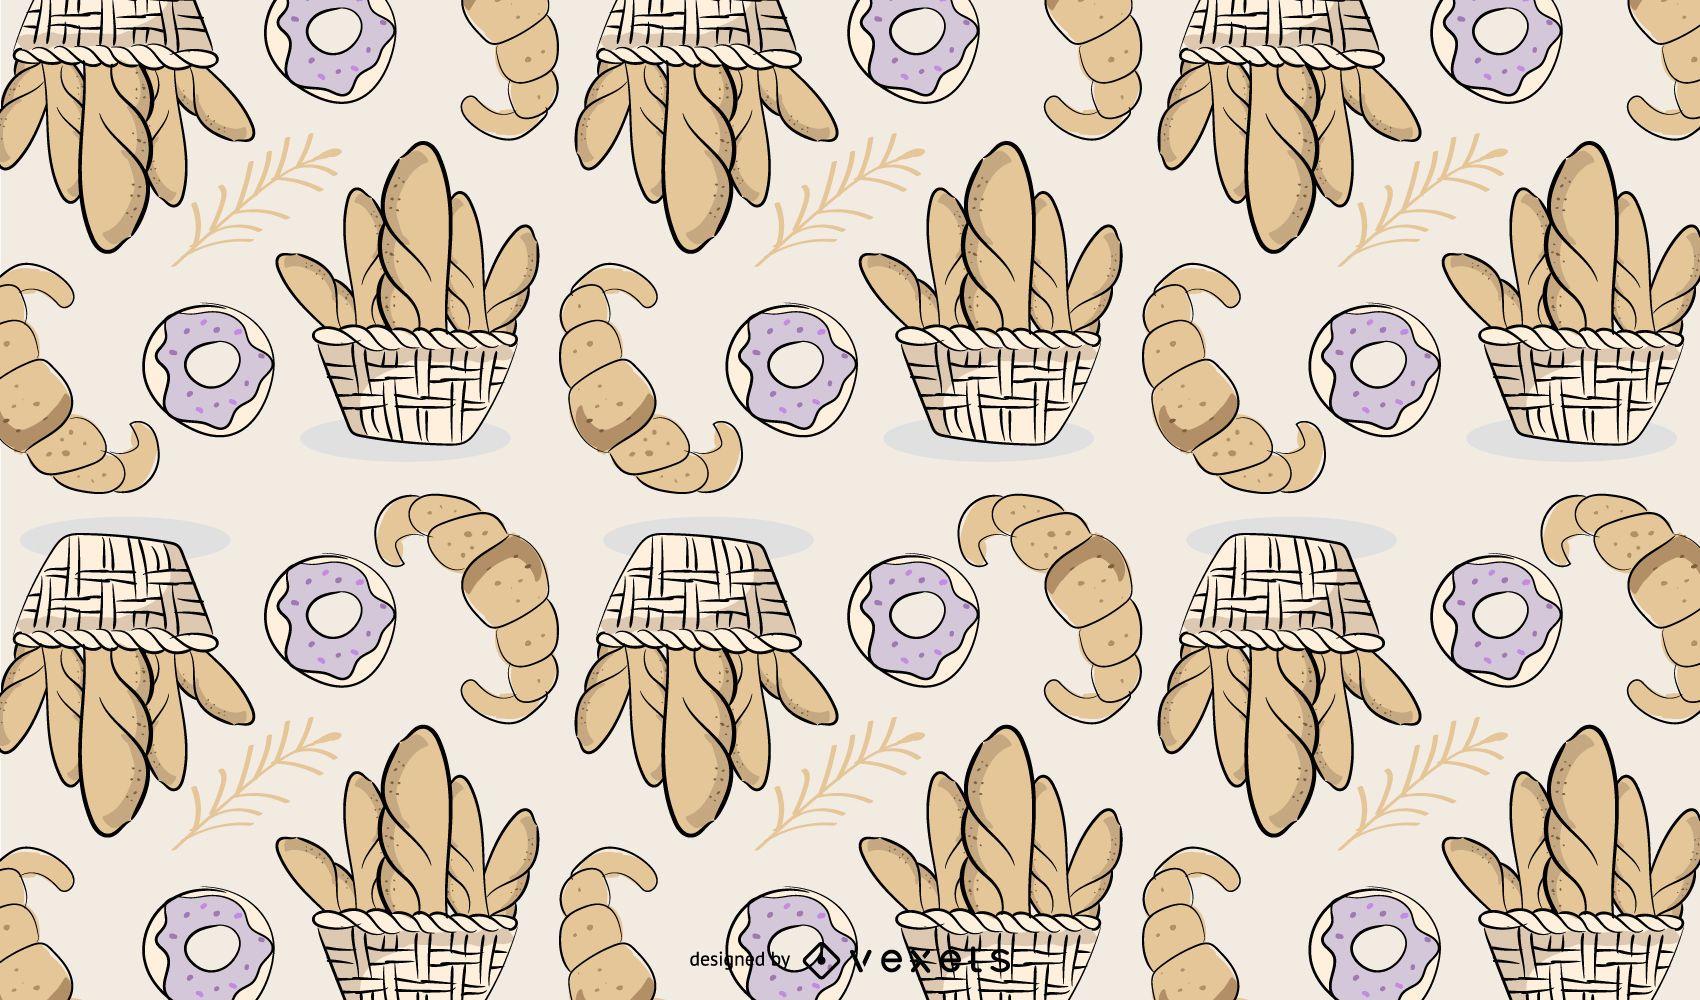 Bakery Bread Pattern Design